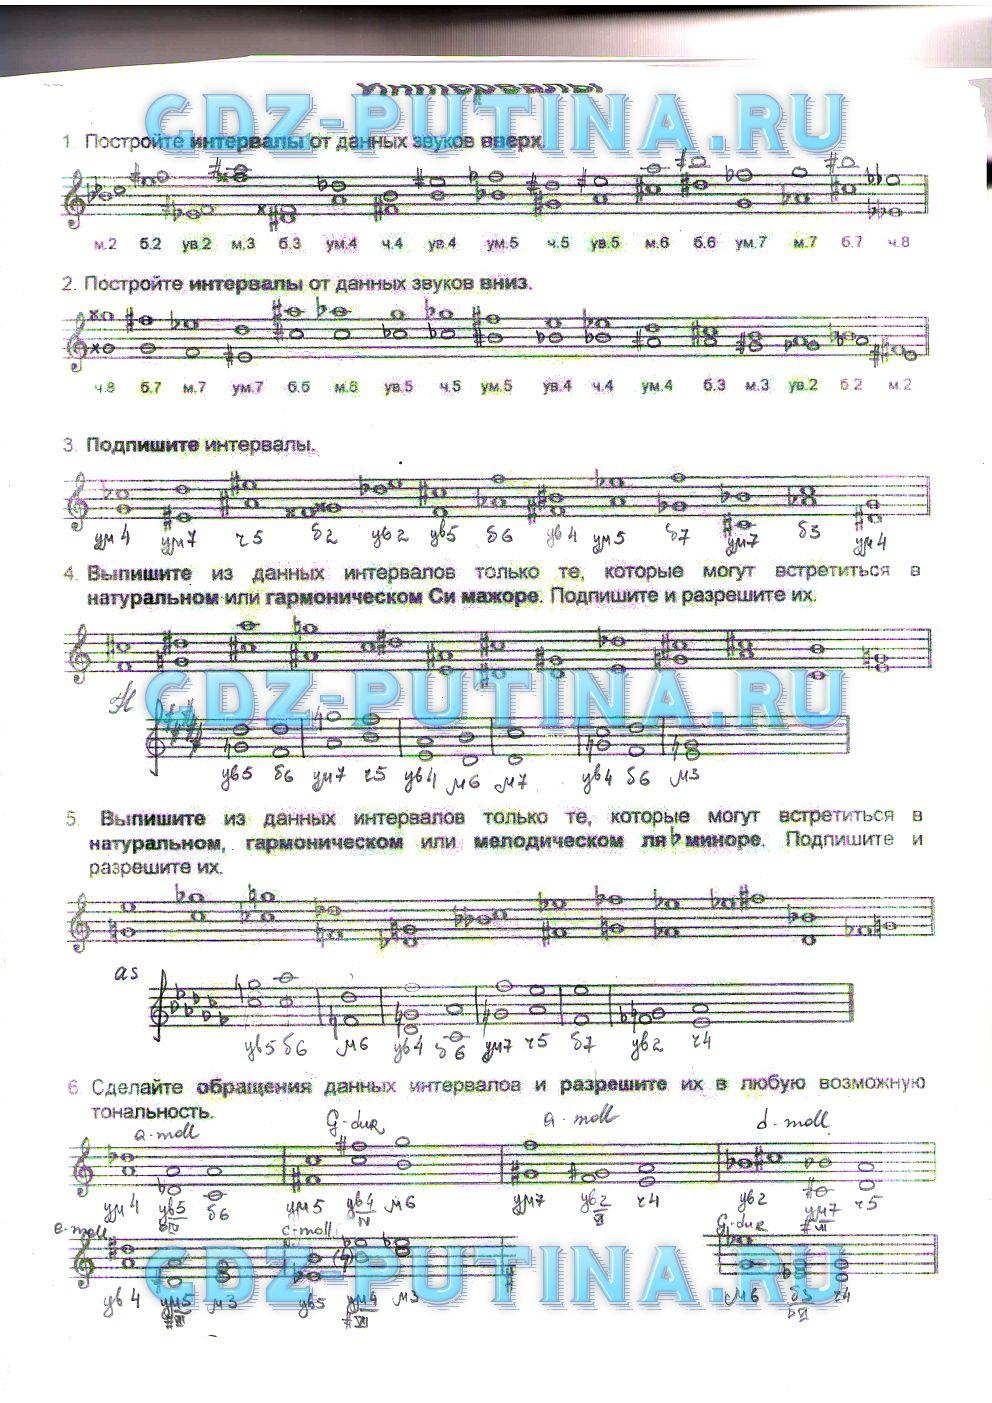 Гдз по музыке 7 класс творческая тетрадь